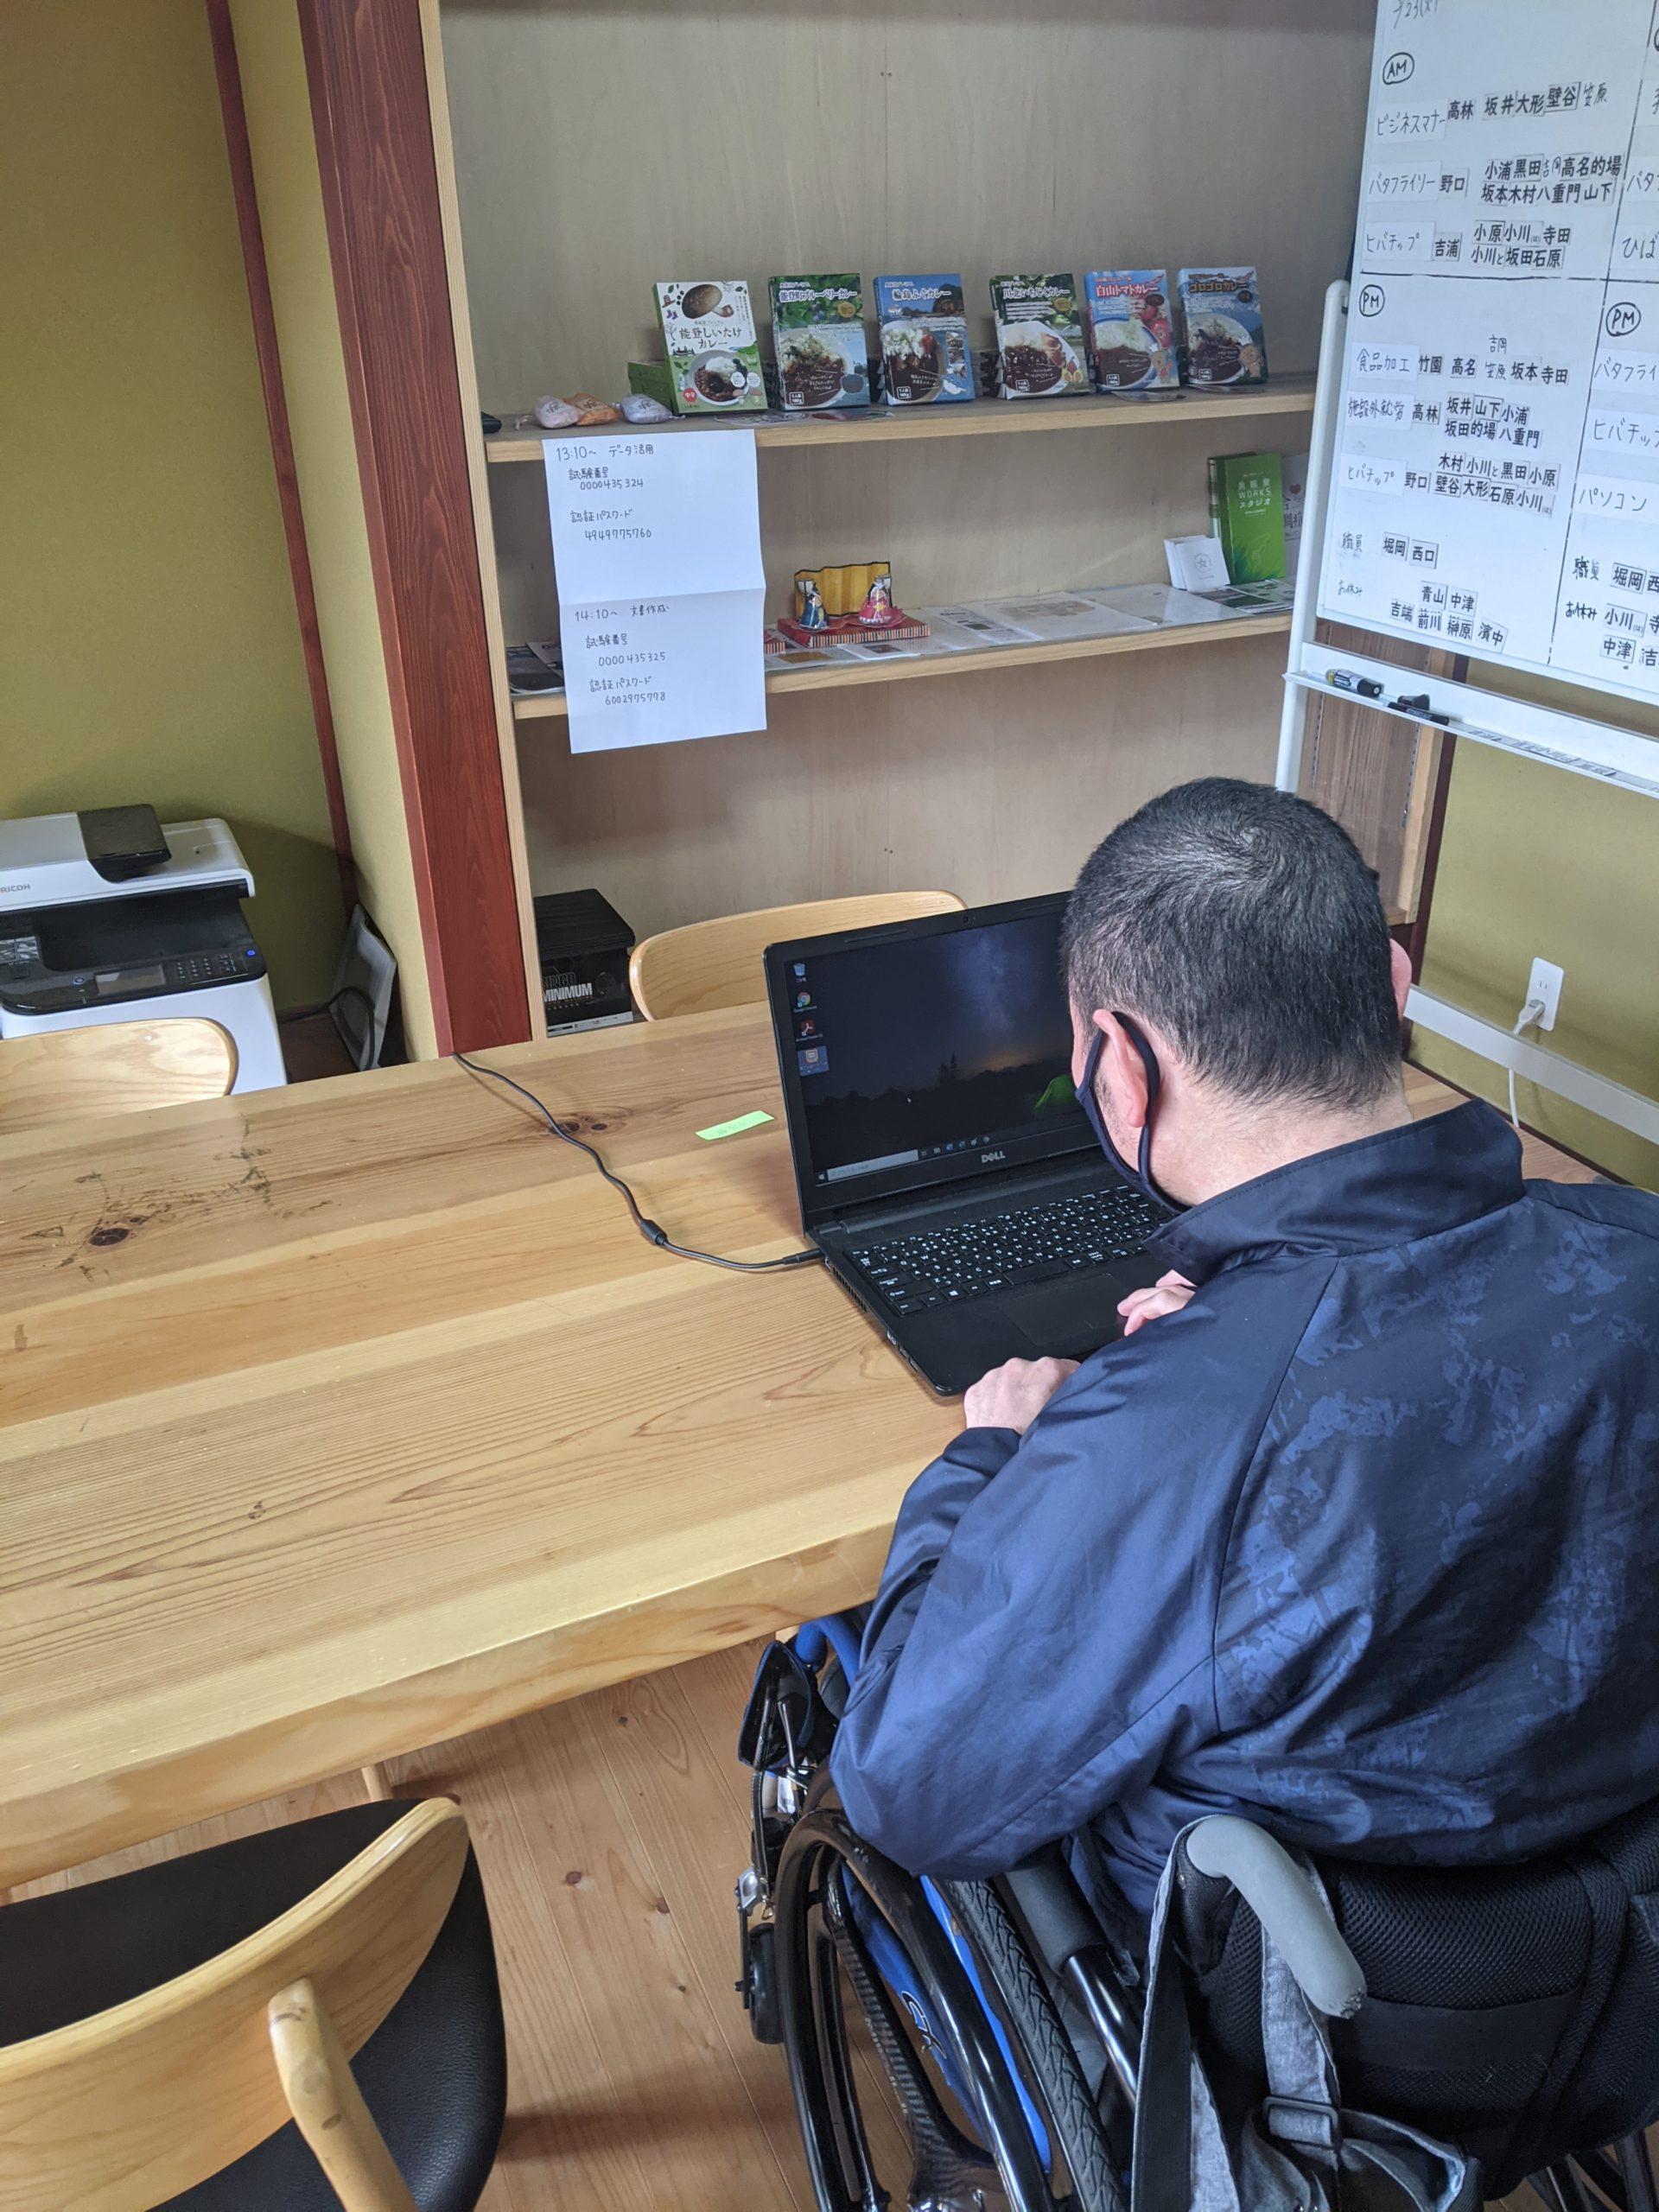 3/22当事業所で初めての日商PC検定を行いました。これからもどんどん実施していきます。Hさん合格おめでとうございます!!